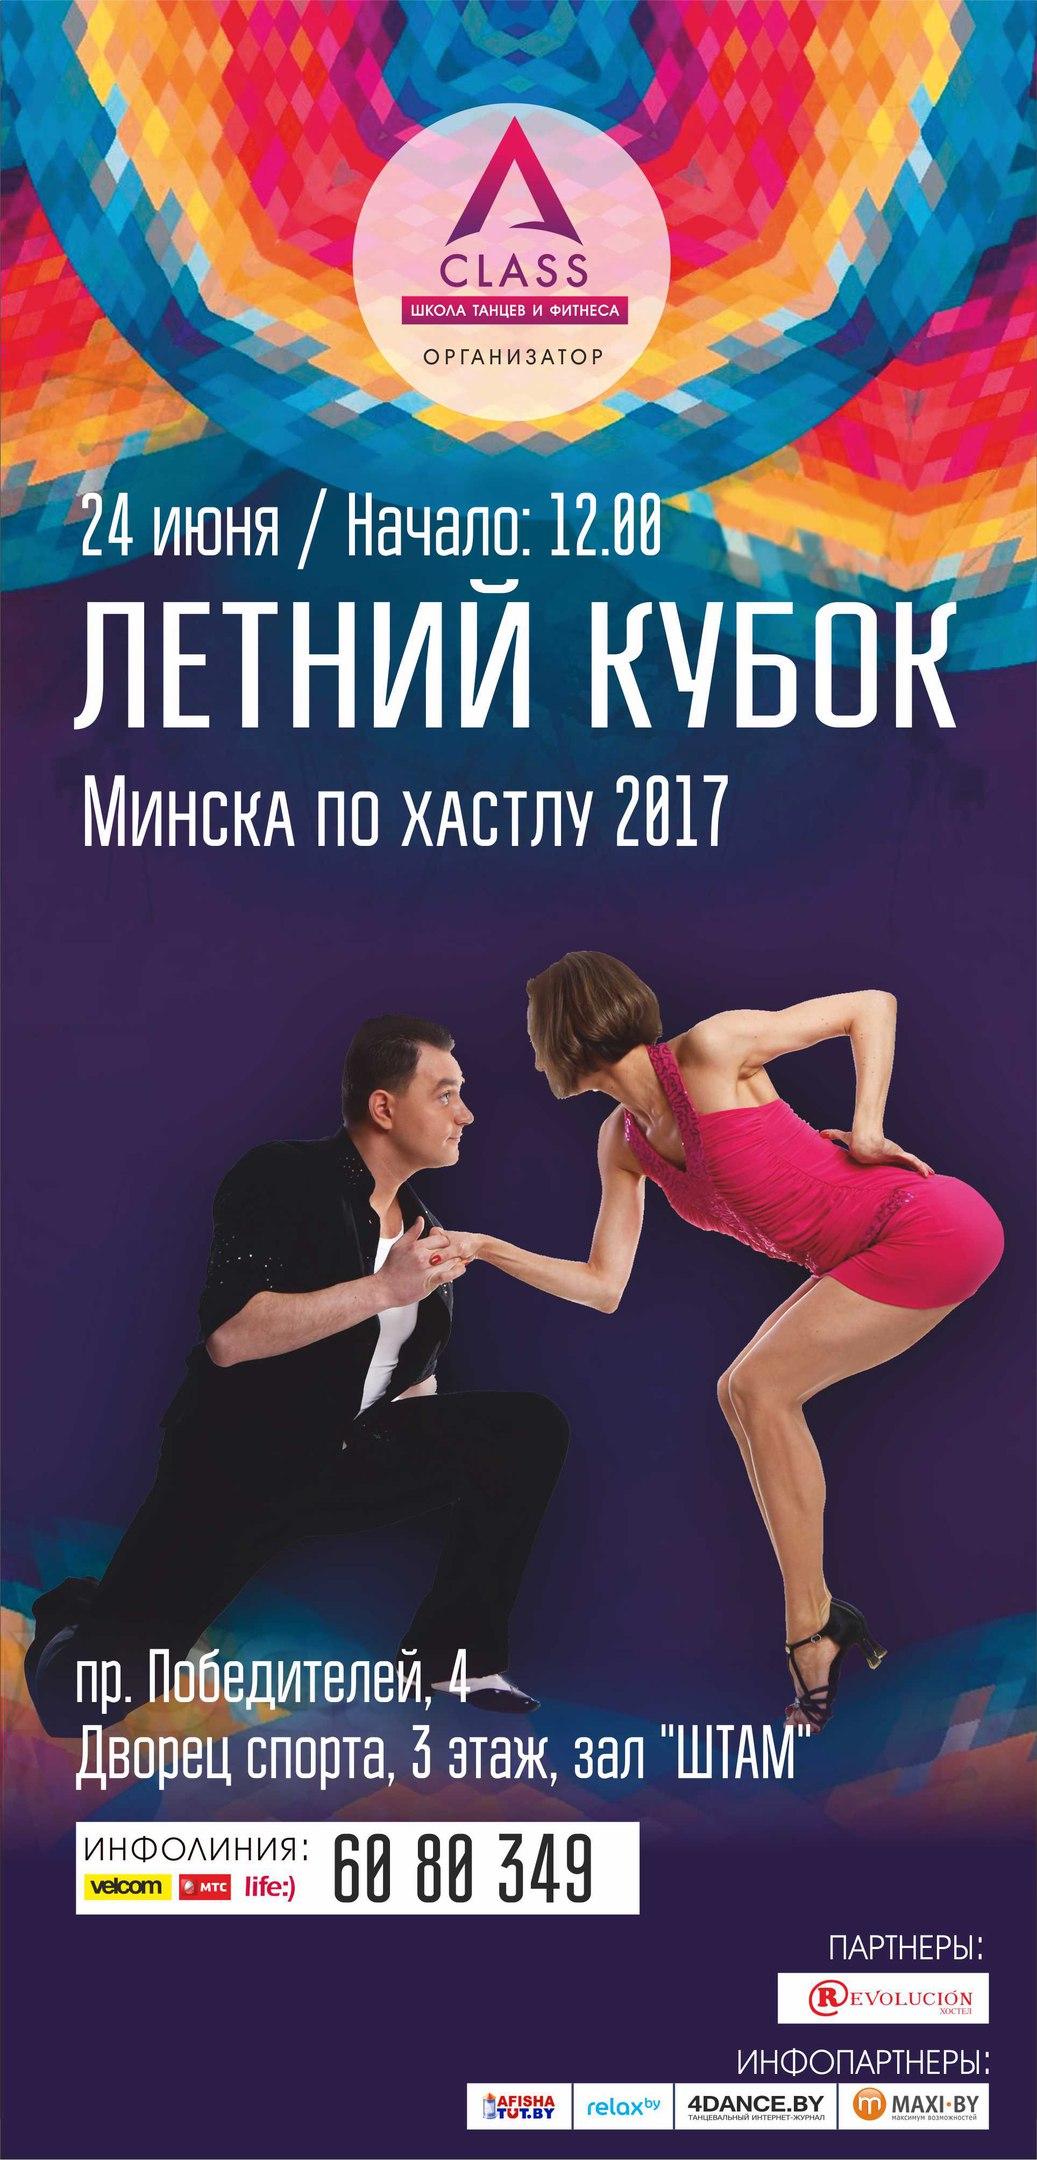 Фестиваль: Летний Кубок Минска по Хастлу 2017